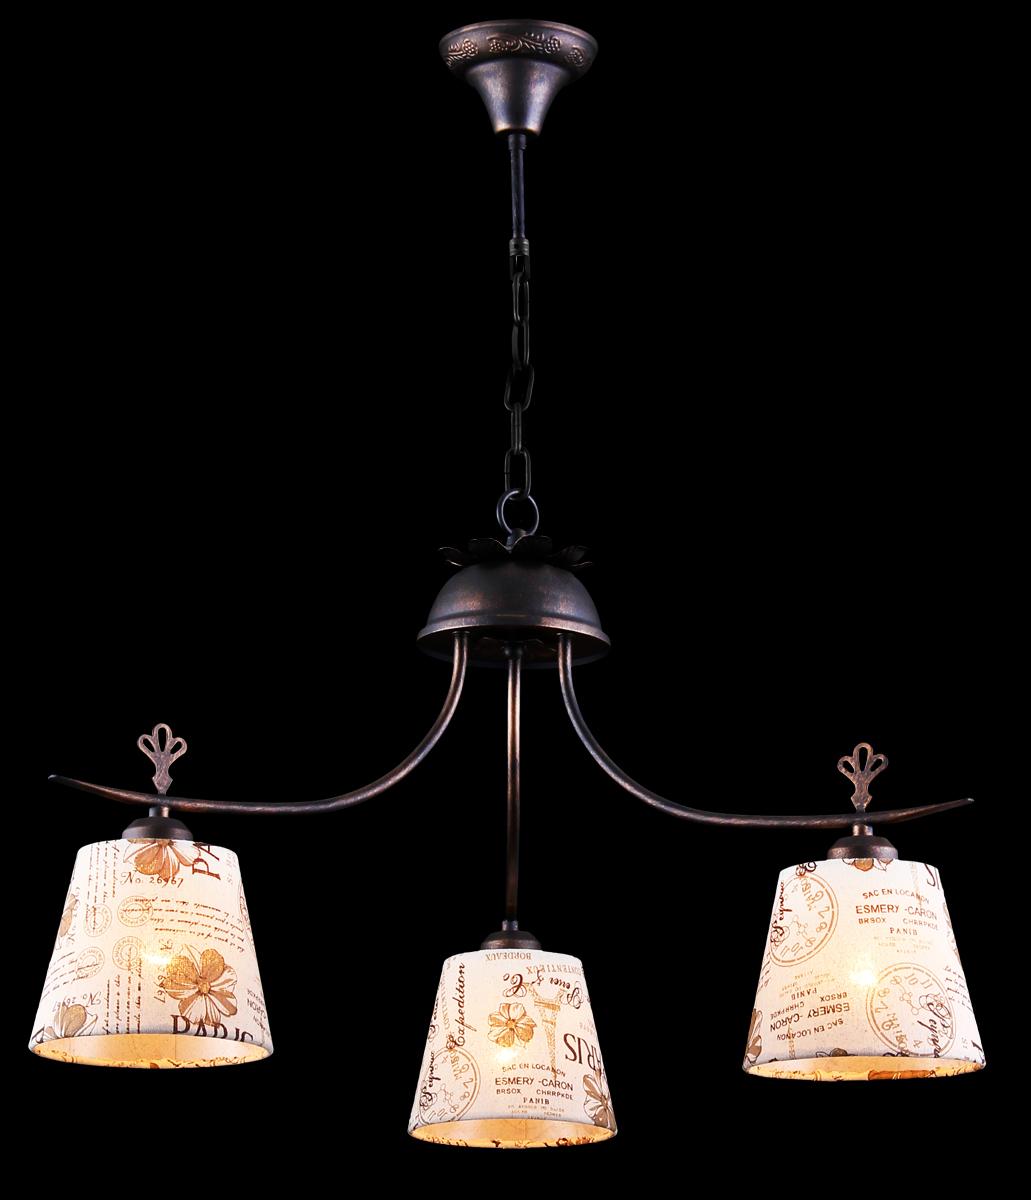 Люстра Natali Kovaltseva Alps, 3 x E27, 40W. 11430/3СALPS 11430/3С BROWN GOLDЛюстра Natali Kovaltseva, выполненная в оригинальном дизайне, станет украшением вашей комнаты и изысканно дополнит интерьер. Изделие крепится к потолку. Такая люстра отлично подойдет для освещения кабинета, столовой, кухни, спальни или гостиной. Люстра выполнена из металла с темно-коричневым искусственно состаренным покрытием и оснащена 3 плафонами. Плафоны выполнены из текстиля и дополнены принтом в виде рисунков с надписями. В коллекциях Natali Kovaltseva представлены разные стили - от классики до хайтека. Дизайн и технологическая составляющая продукции разрабатывается в R&D центре компании, который находится в г. Дюссельдорф, Германия. При производстве продукции используются высококачественные и эксклюзивные материалы: хрусталь ASFOR, муранское стекло, перламутр, 24-каратное золото, бронза. Производство светильников соответствует стандарту системы менеджмента качества ISO 9001-2000. На всю продукцию ТМ Natali Kovaltseva распространяется гарантия.